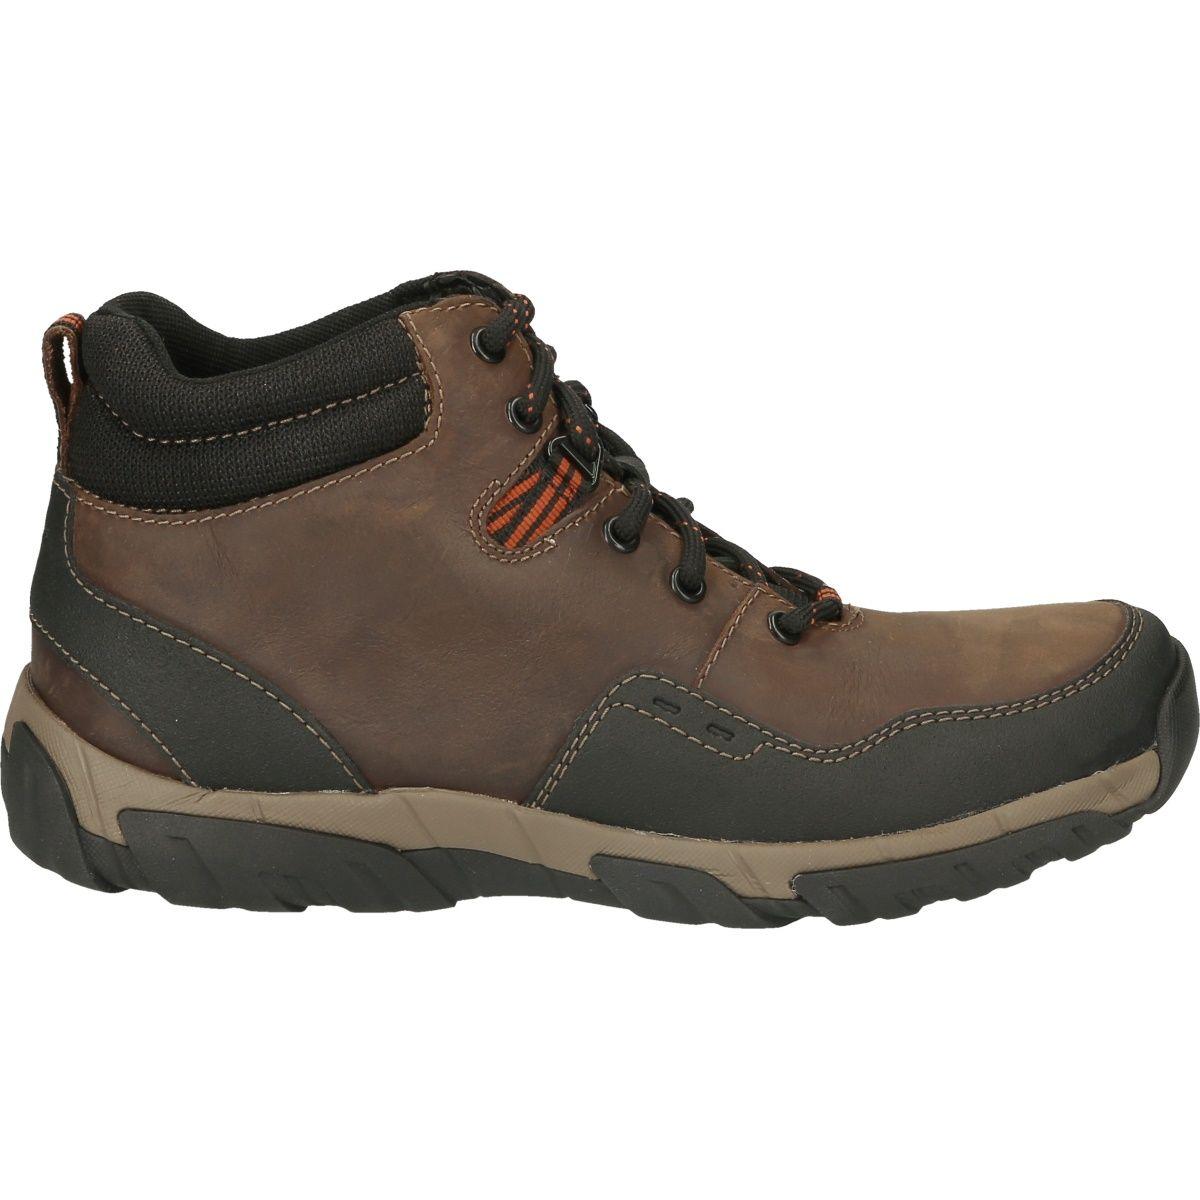 Clarks Walbeck Top II 26138659 7 Herrenschuhe Boots im